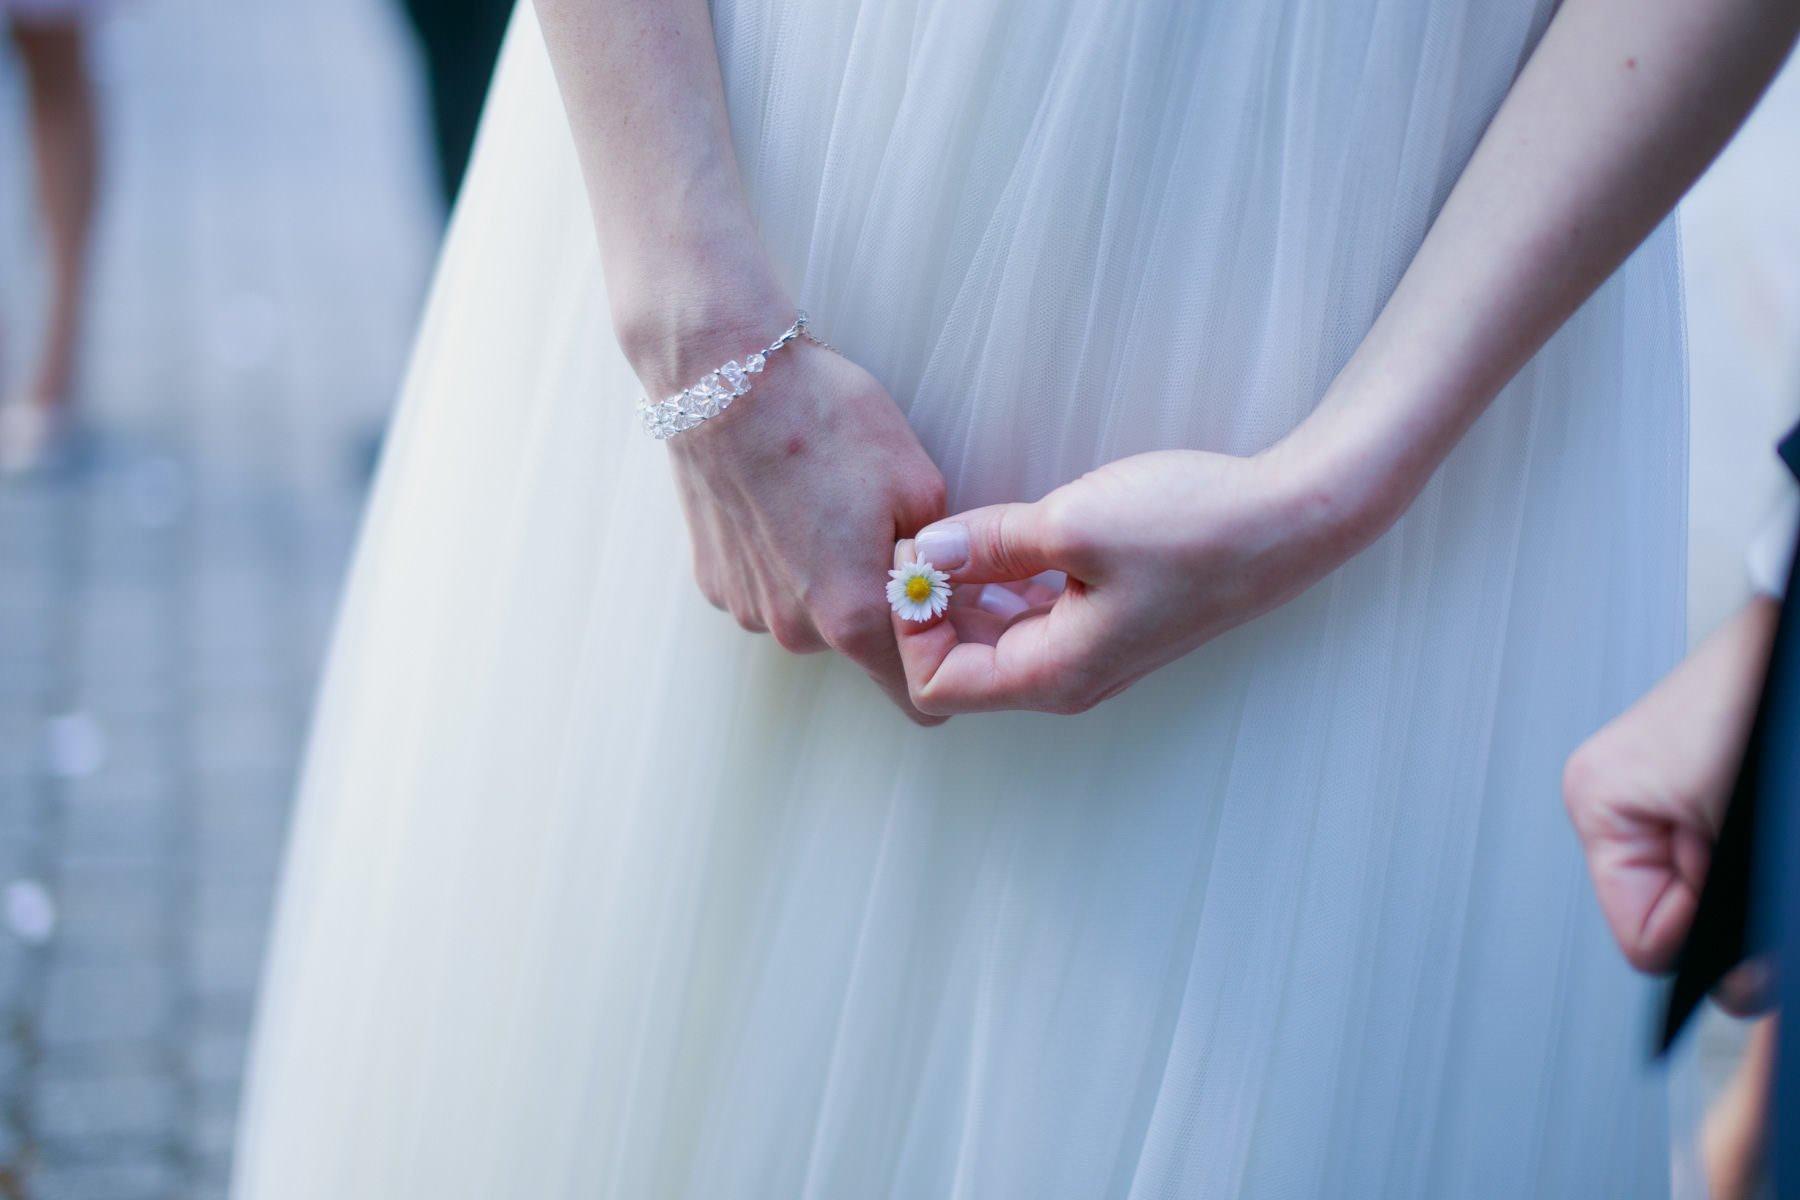 fotograf slub bielsko biala ania maciej 95 e1515365177548 - Ślub w Bielsku-Białej - ANIA & MACIEJ